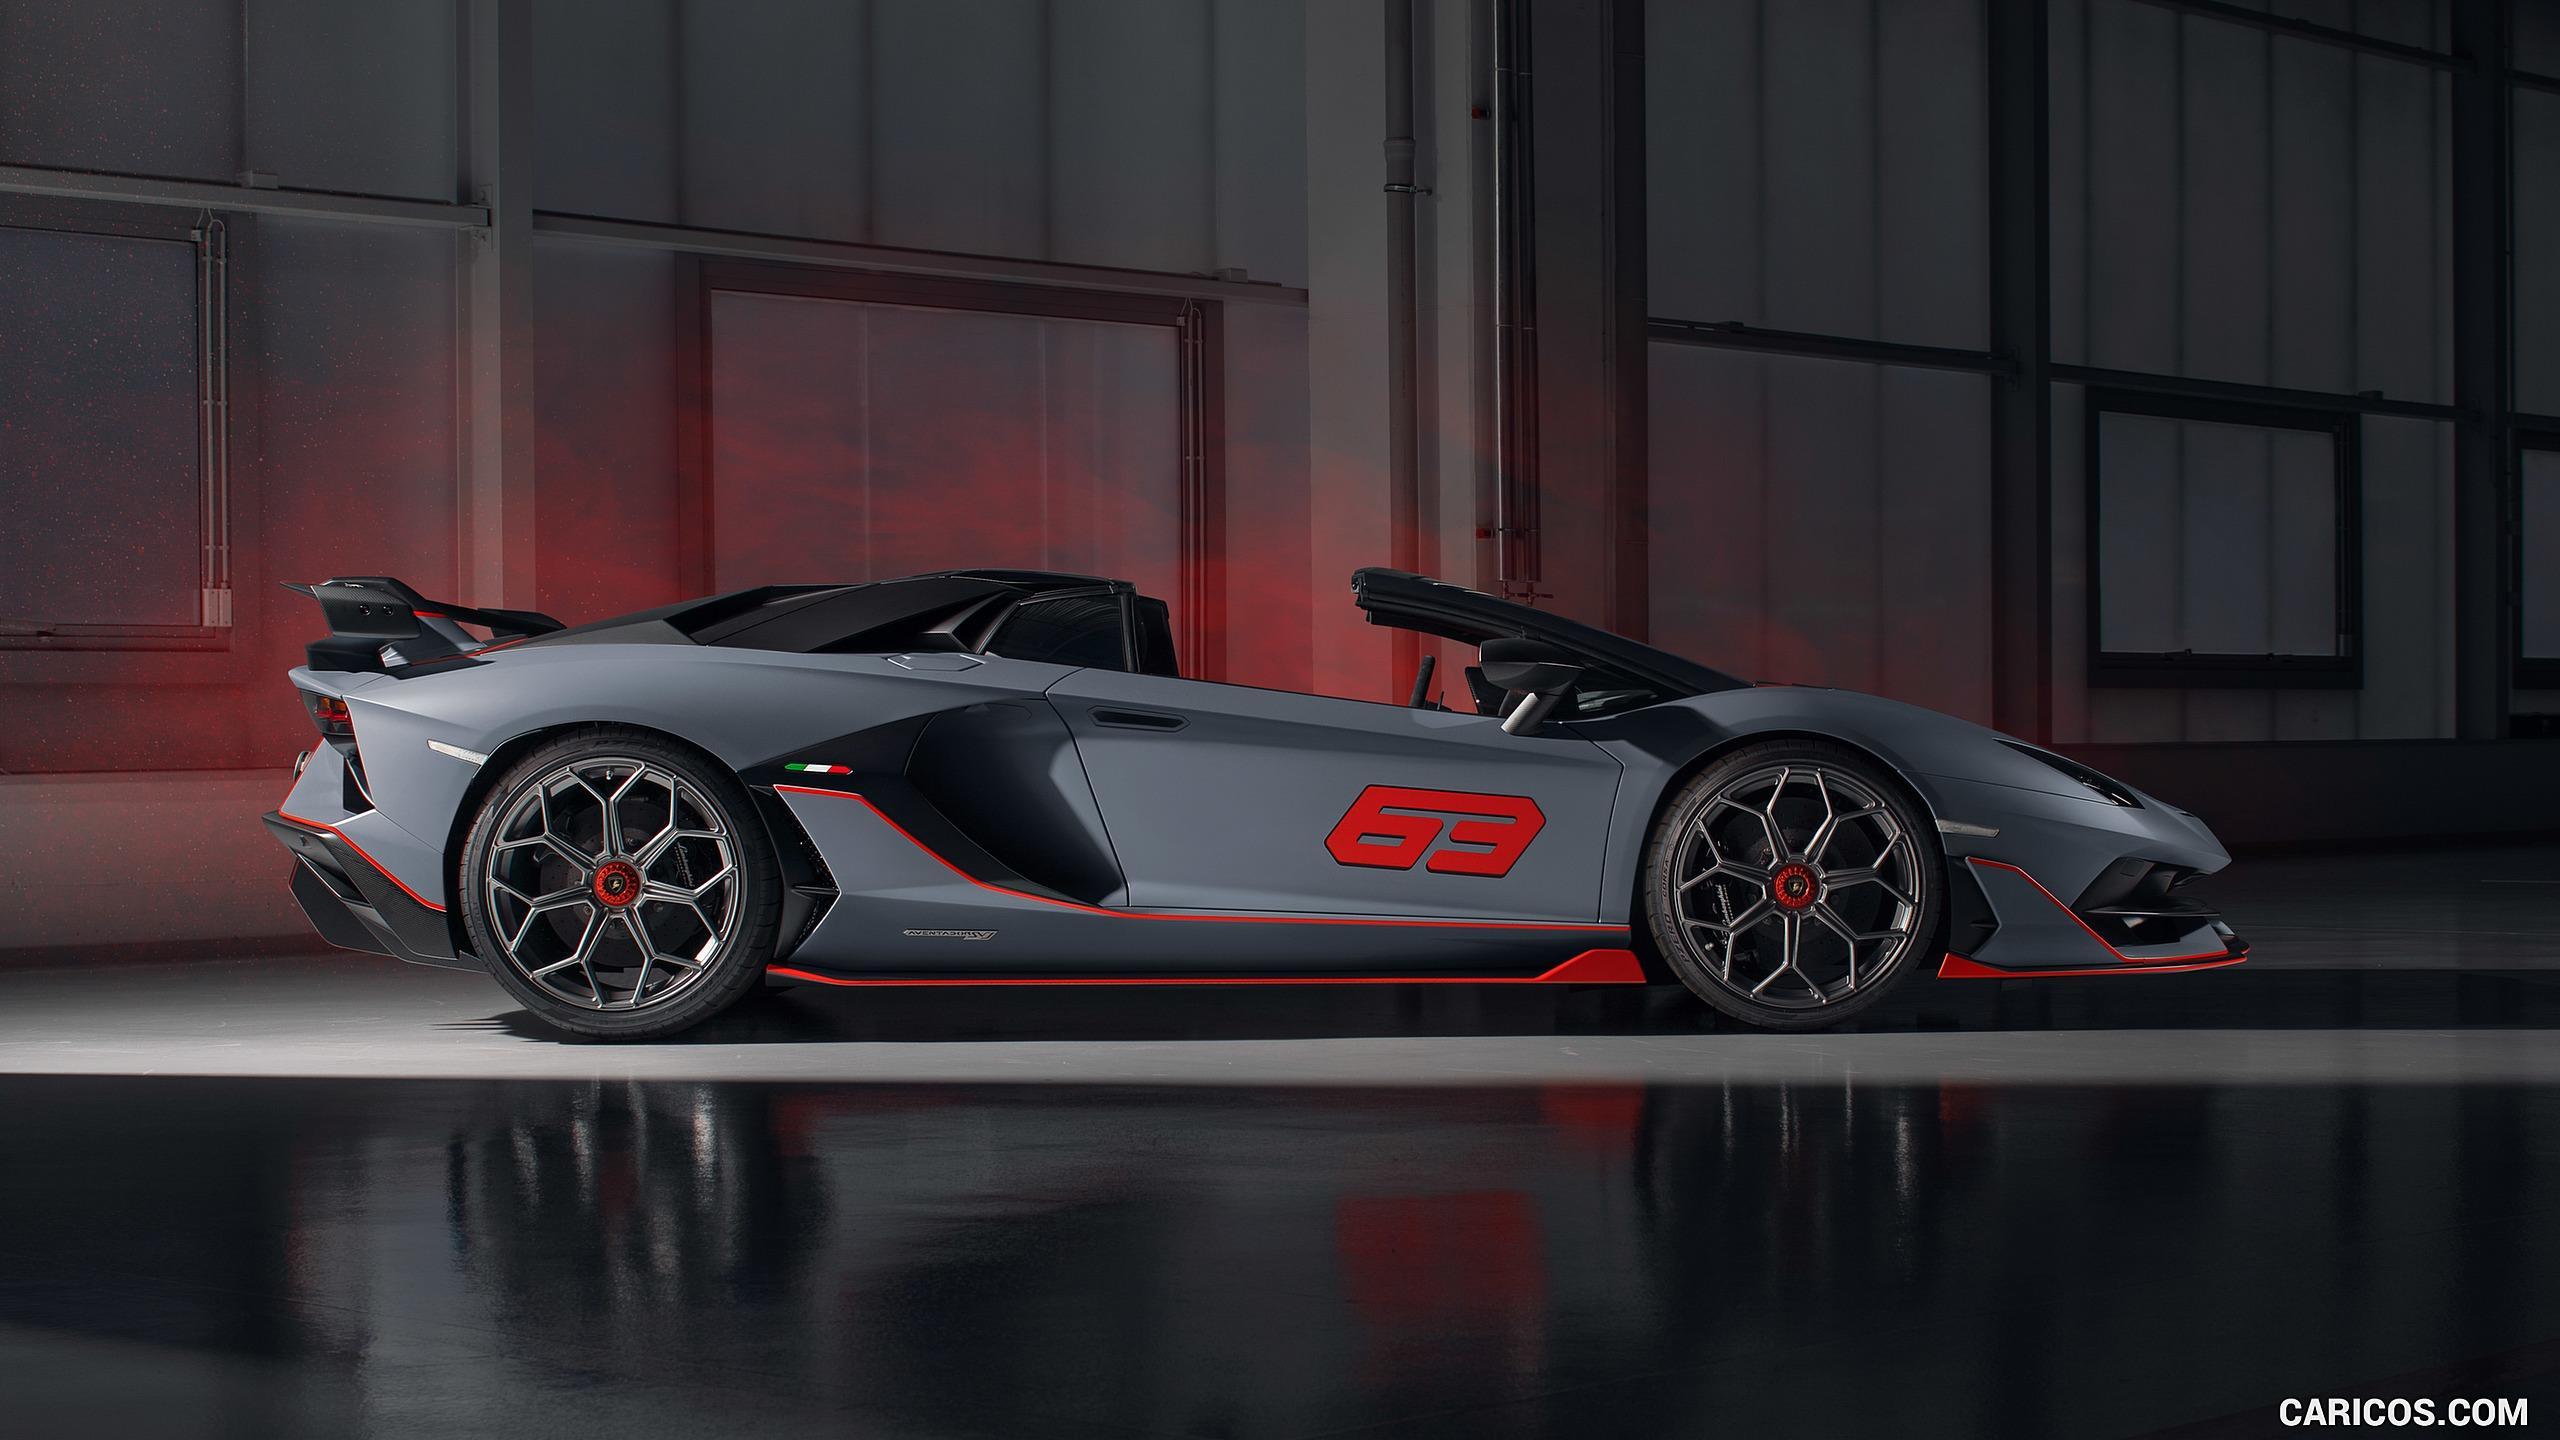 Lamborghini Aventador Svj 63 Roadster 2020 Wallpapers